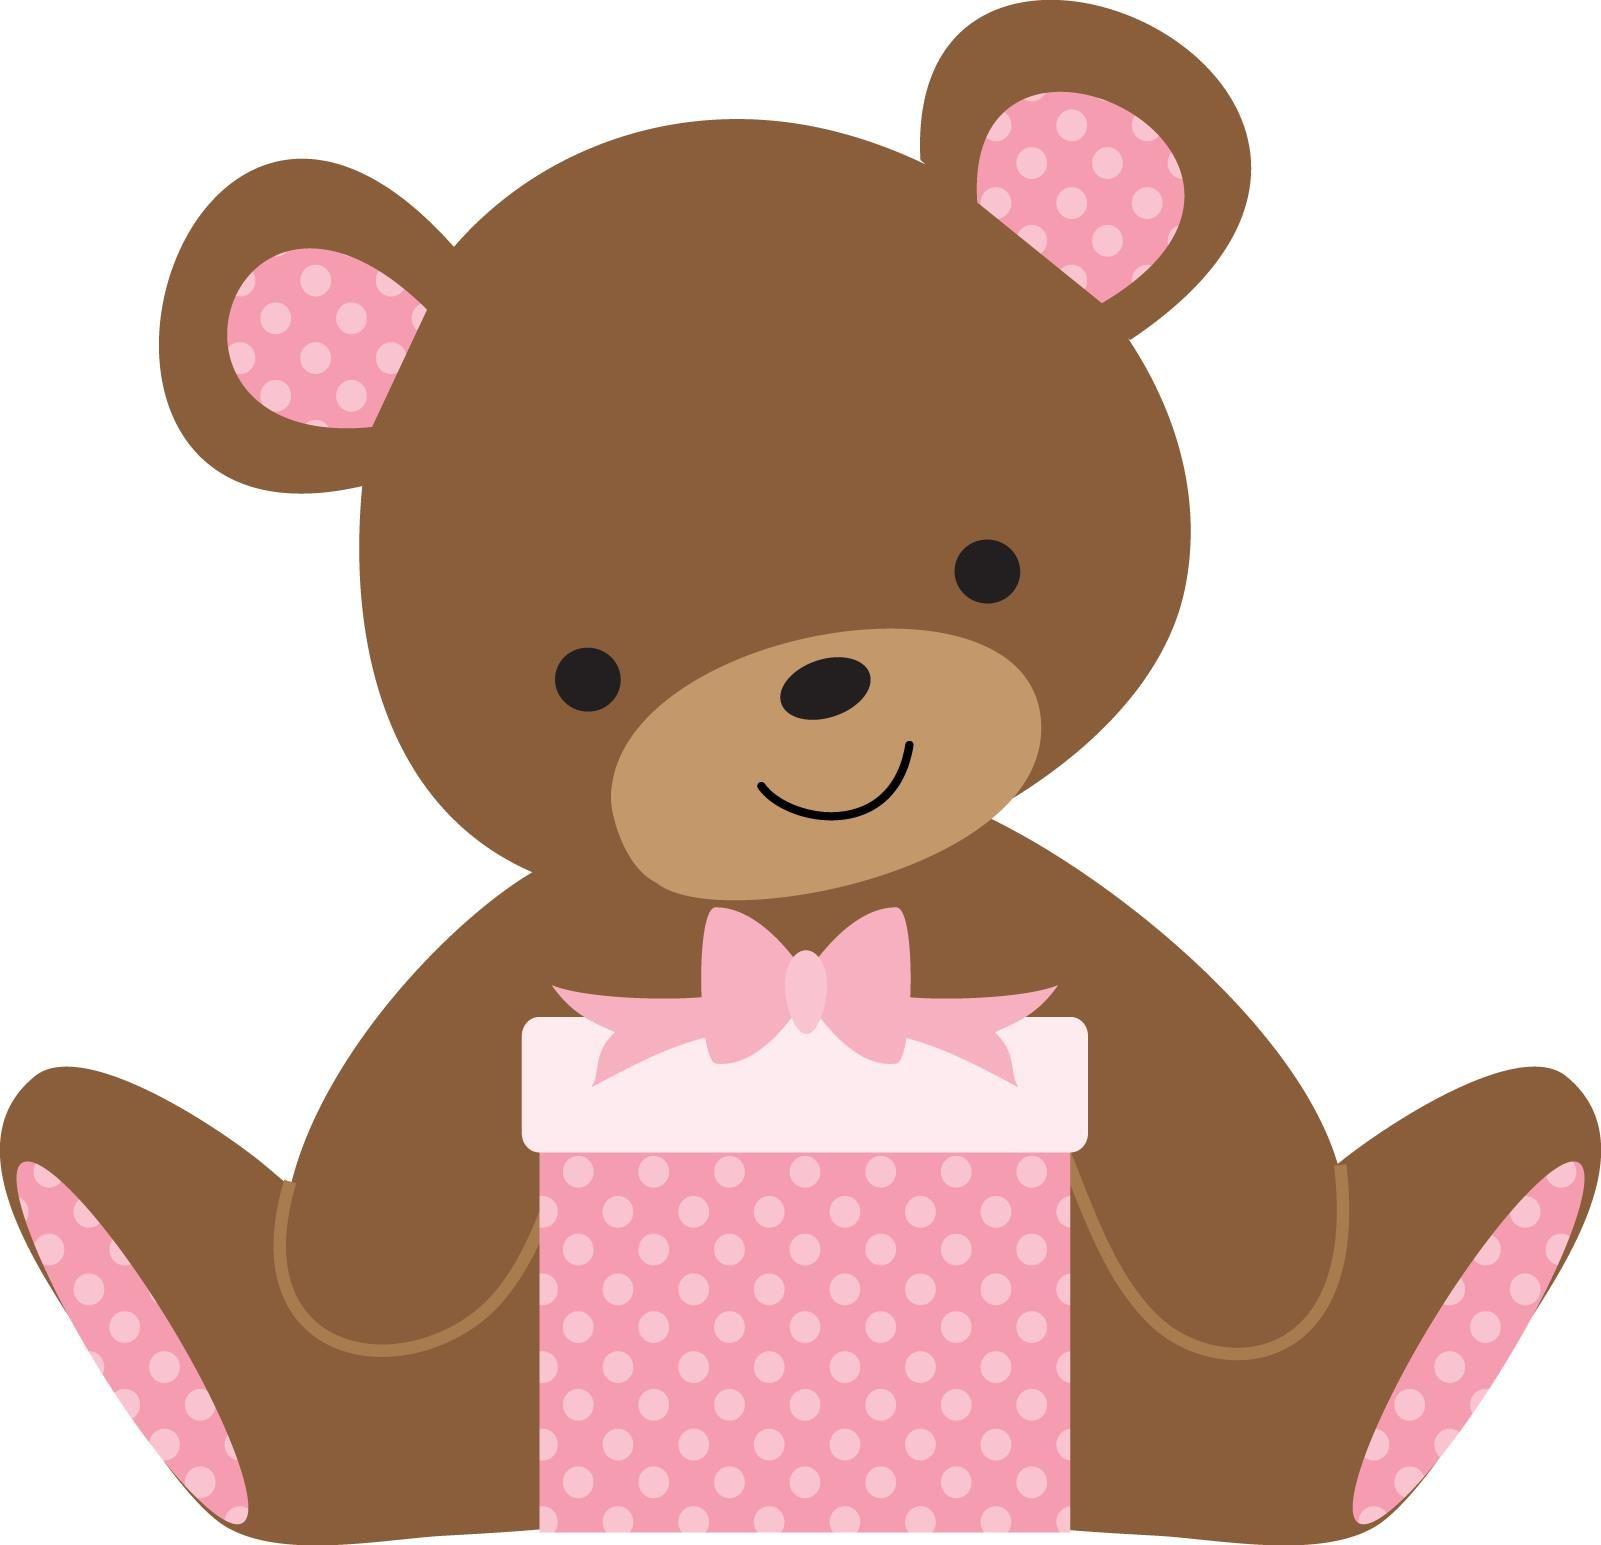 GIRL TEDDY BEAR CLIP ART